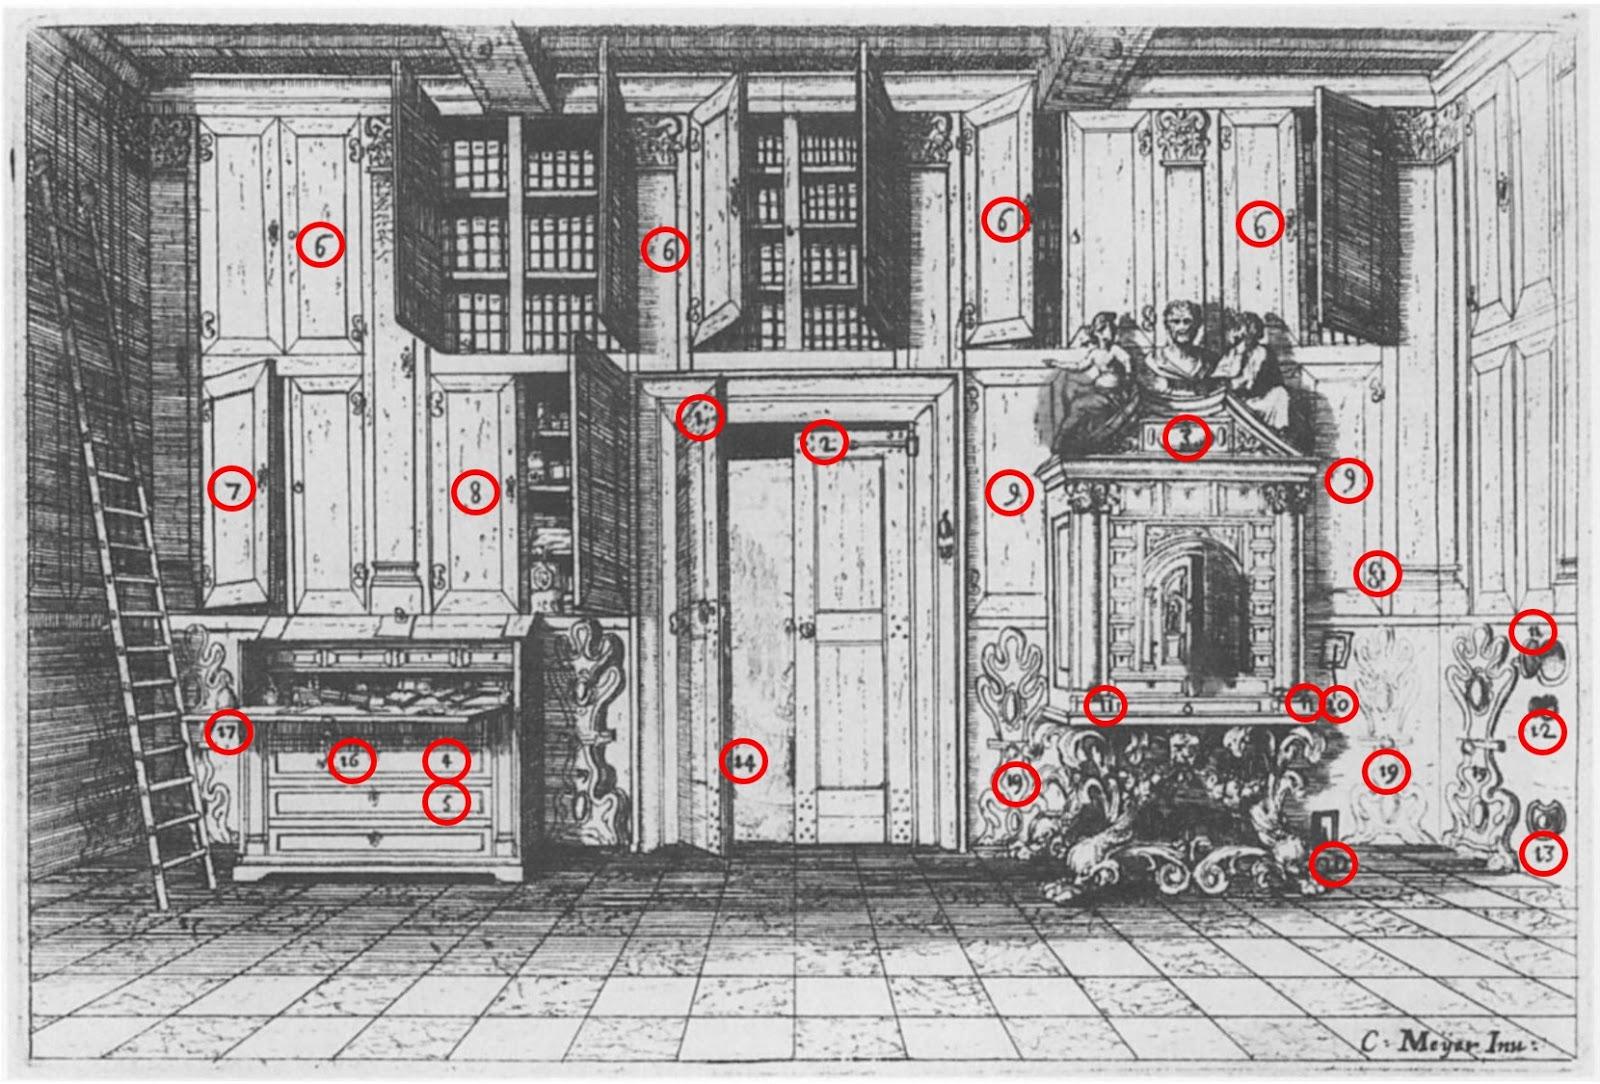 38009da09e3c Πρώτος τοίχος  1. Ευρηματικό τέχνασμα στο φύλλο της πόρτα που επιτρέπει το  άνοιγμά του στα αριστερά ή στα δεξιά. 2. Παρόμοιο φύλλο πόρτας